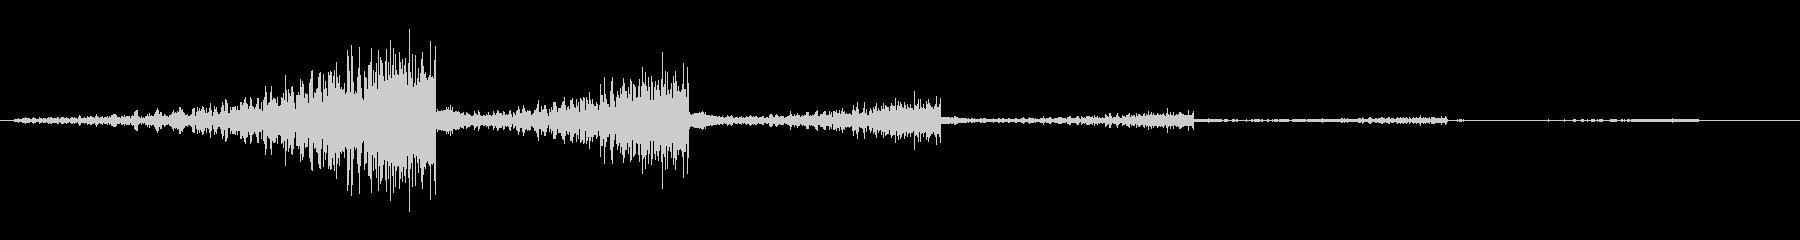 シュワンシュワン(通る音)の未再生の波形